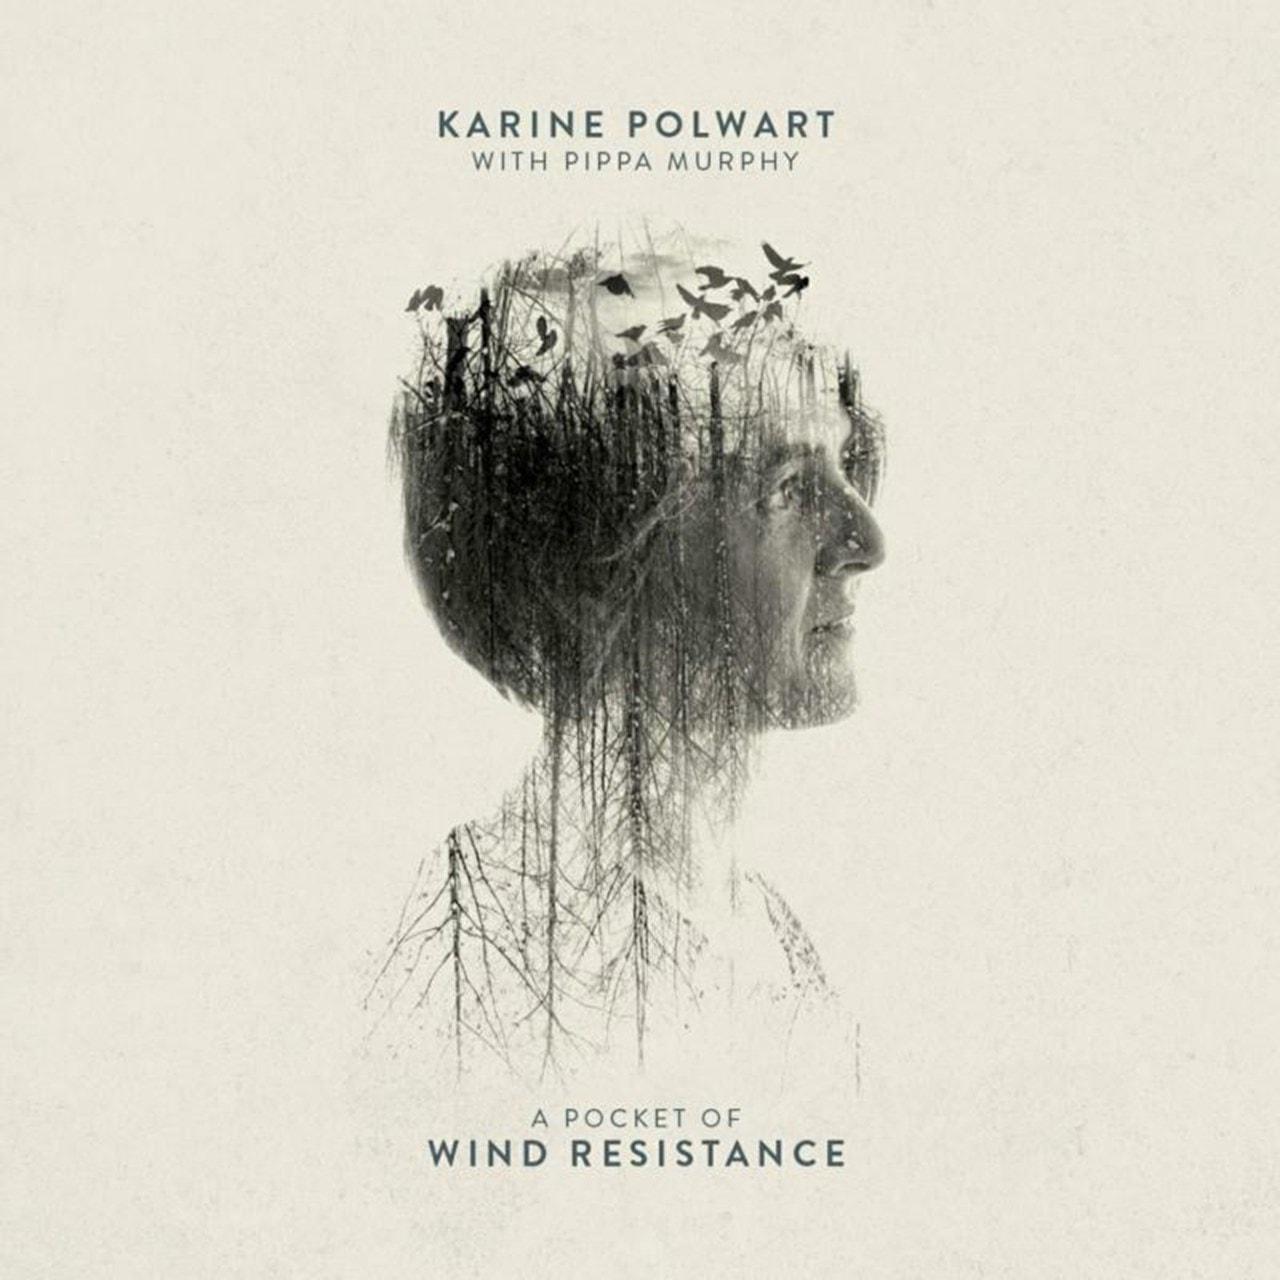 A Pocket of Wind Resistance - 1